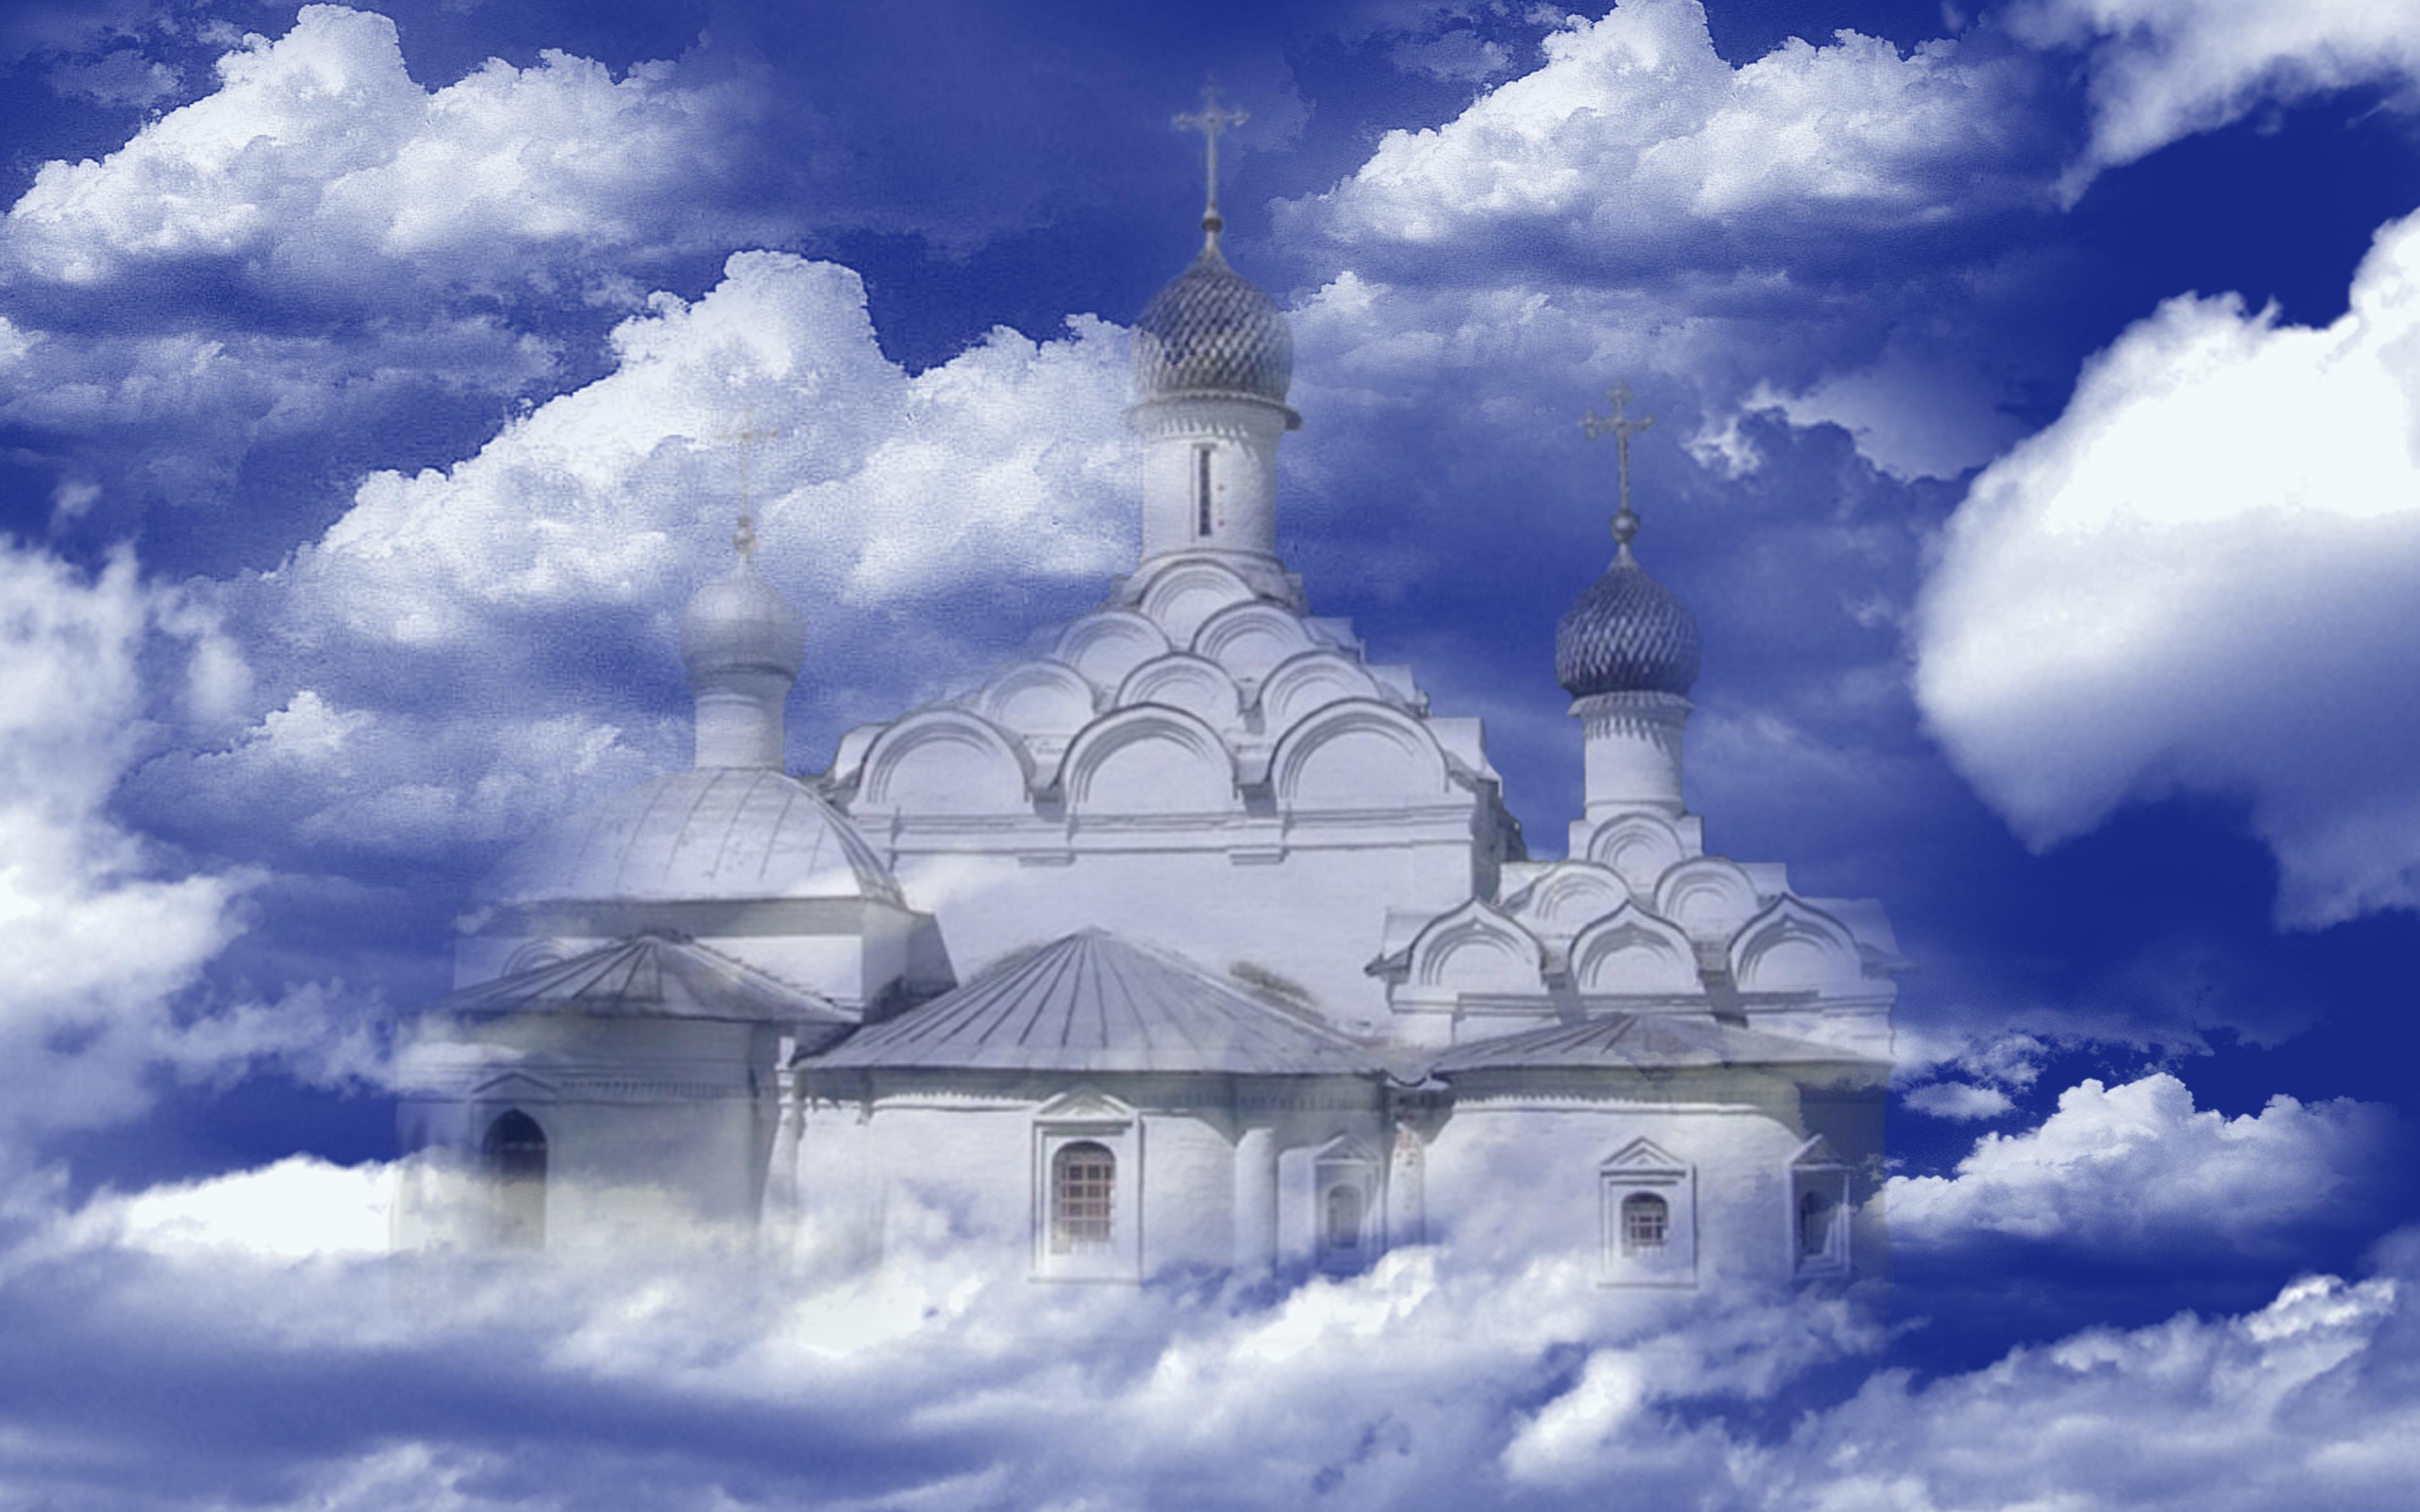 рисунки купола неба устройства прошлых веков